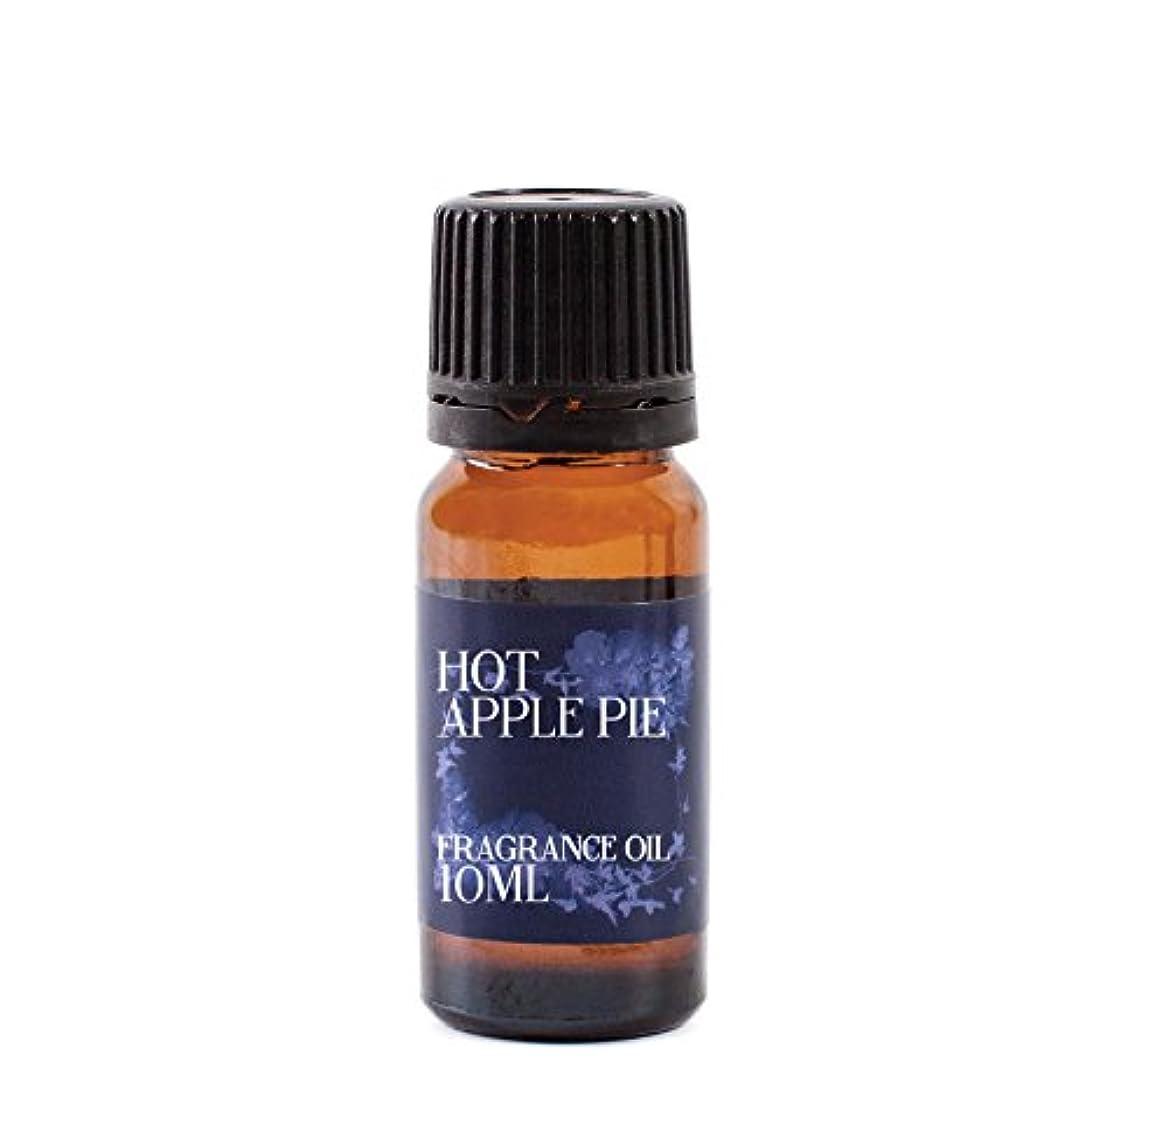 音楽を聴く矛盾する任命Mystic Moments   Hot Apple Pie Fragrance Oil - 10ml